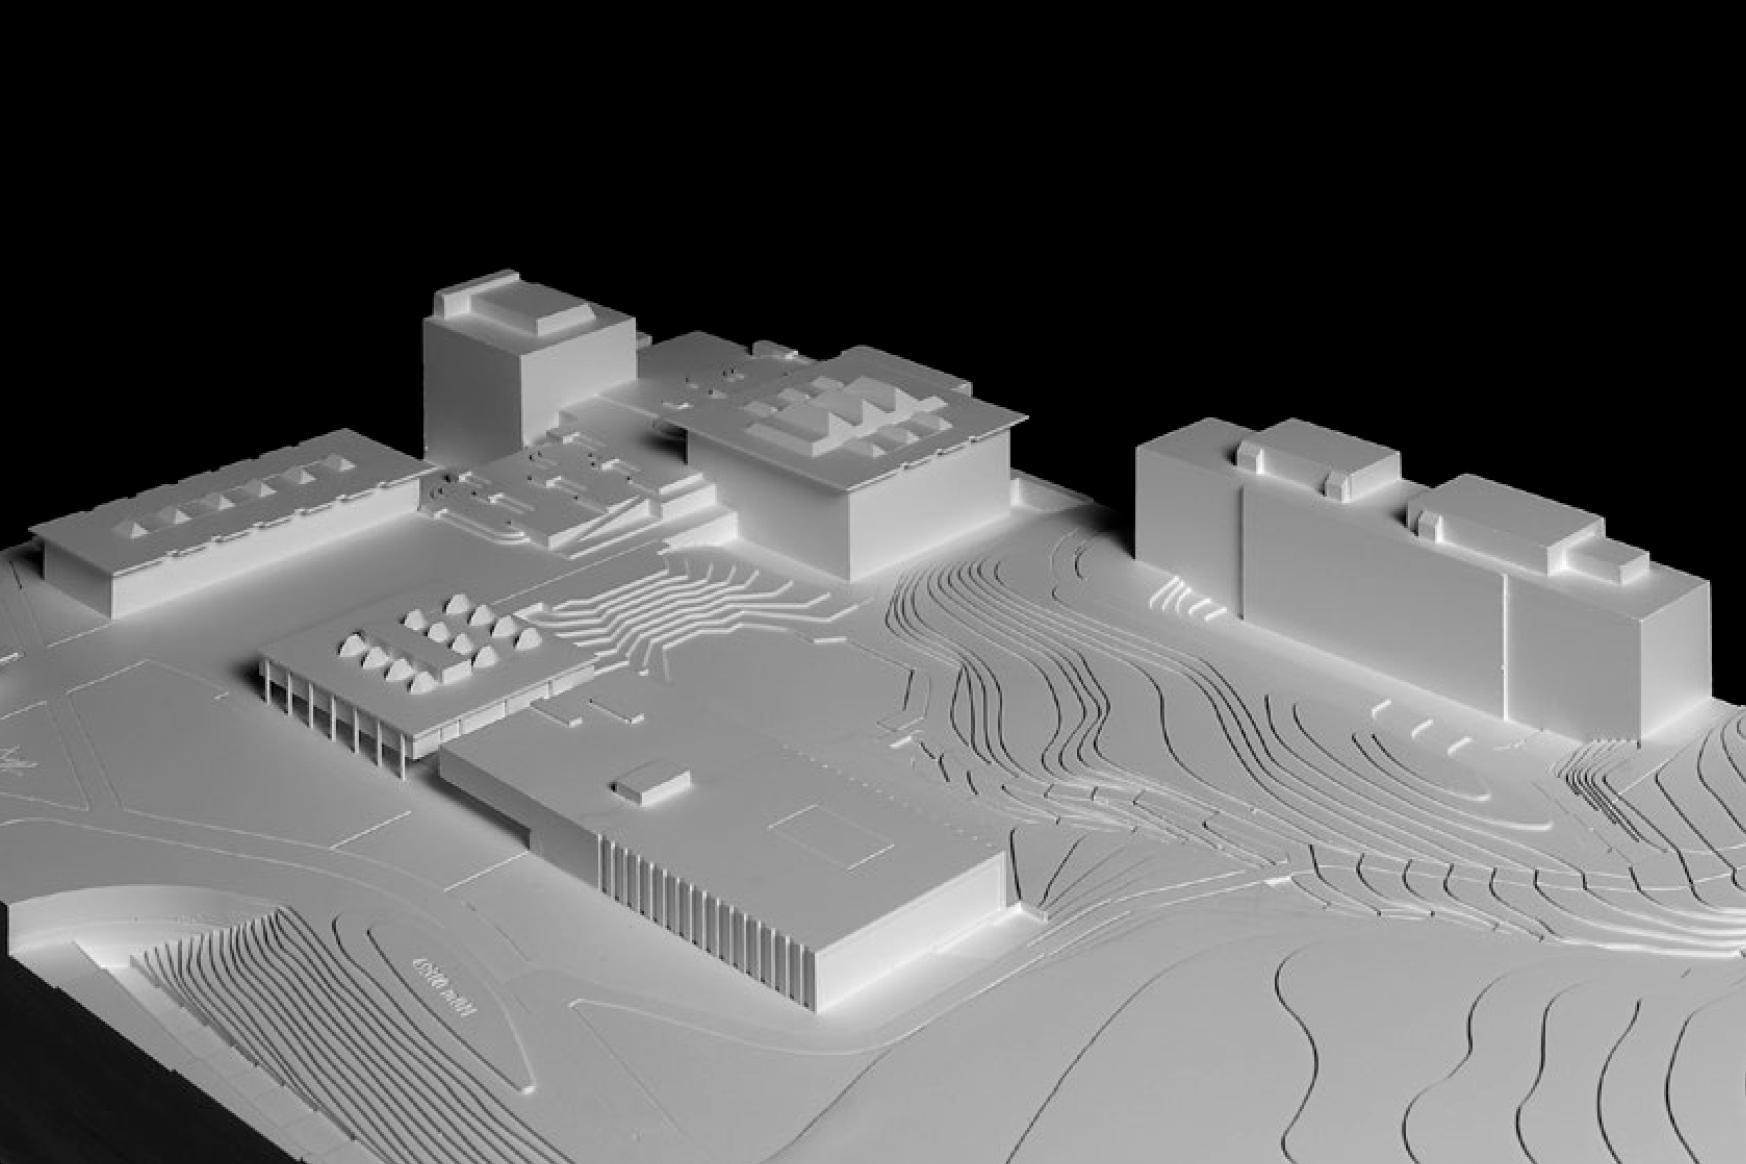 Staatsarchiv des Kantons Zürich, Bau 3, architektick, elastique